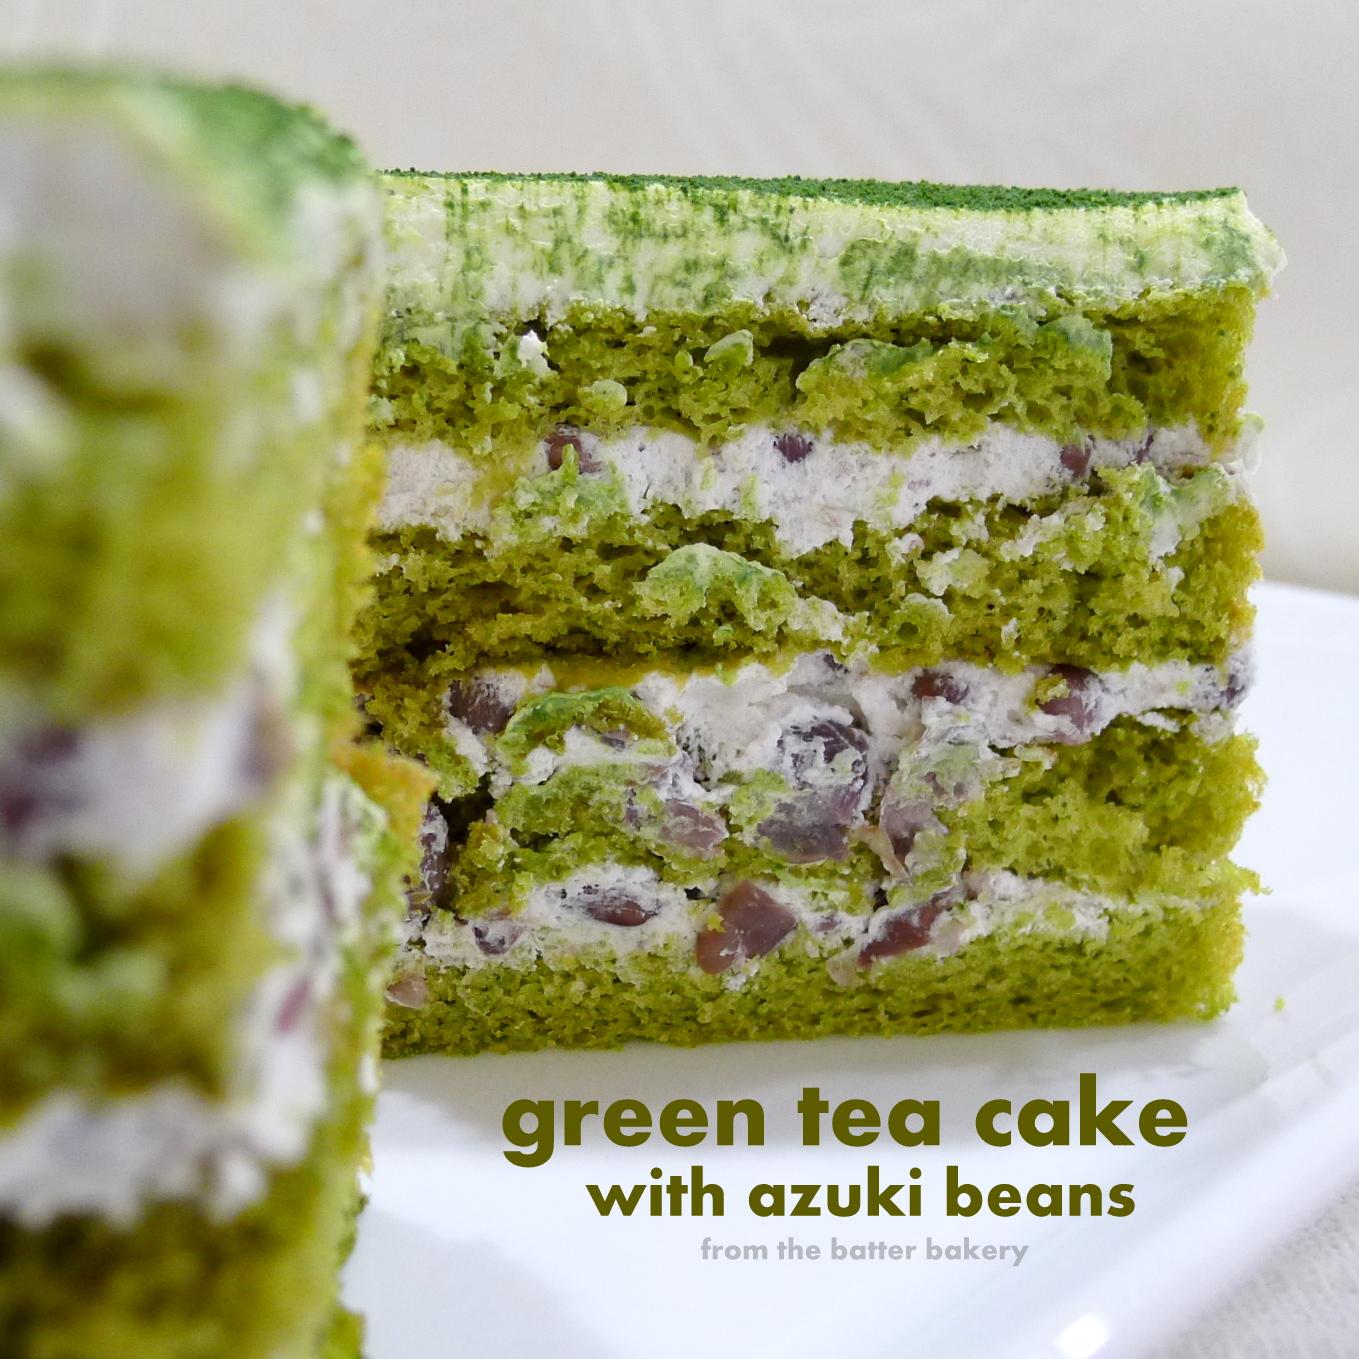 Green Tea Cake Green tea cake with azuki